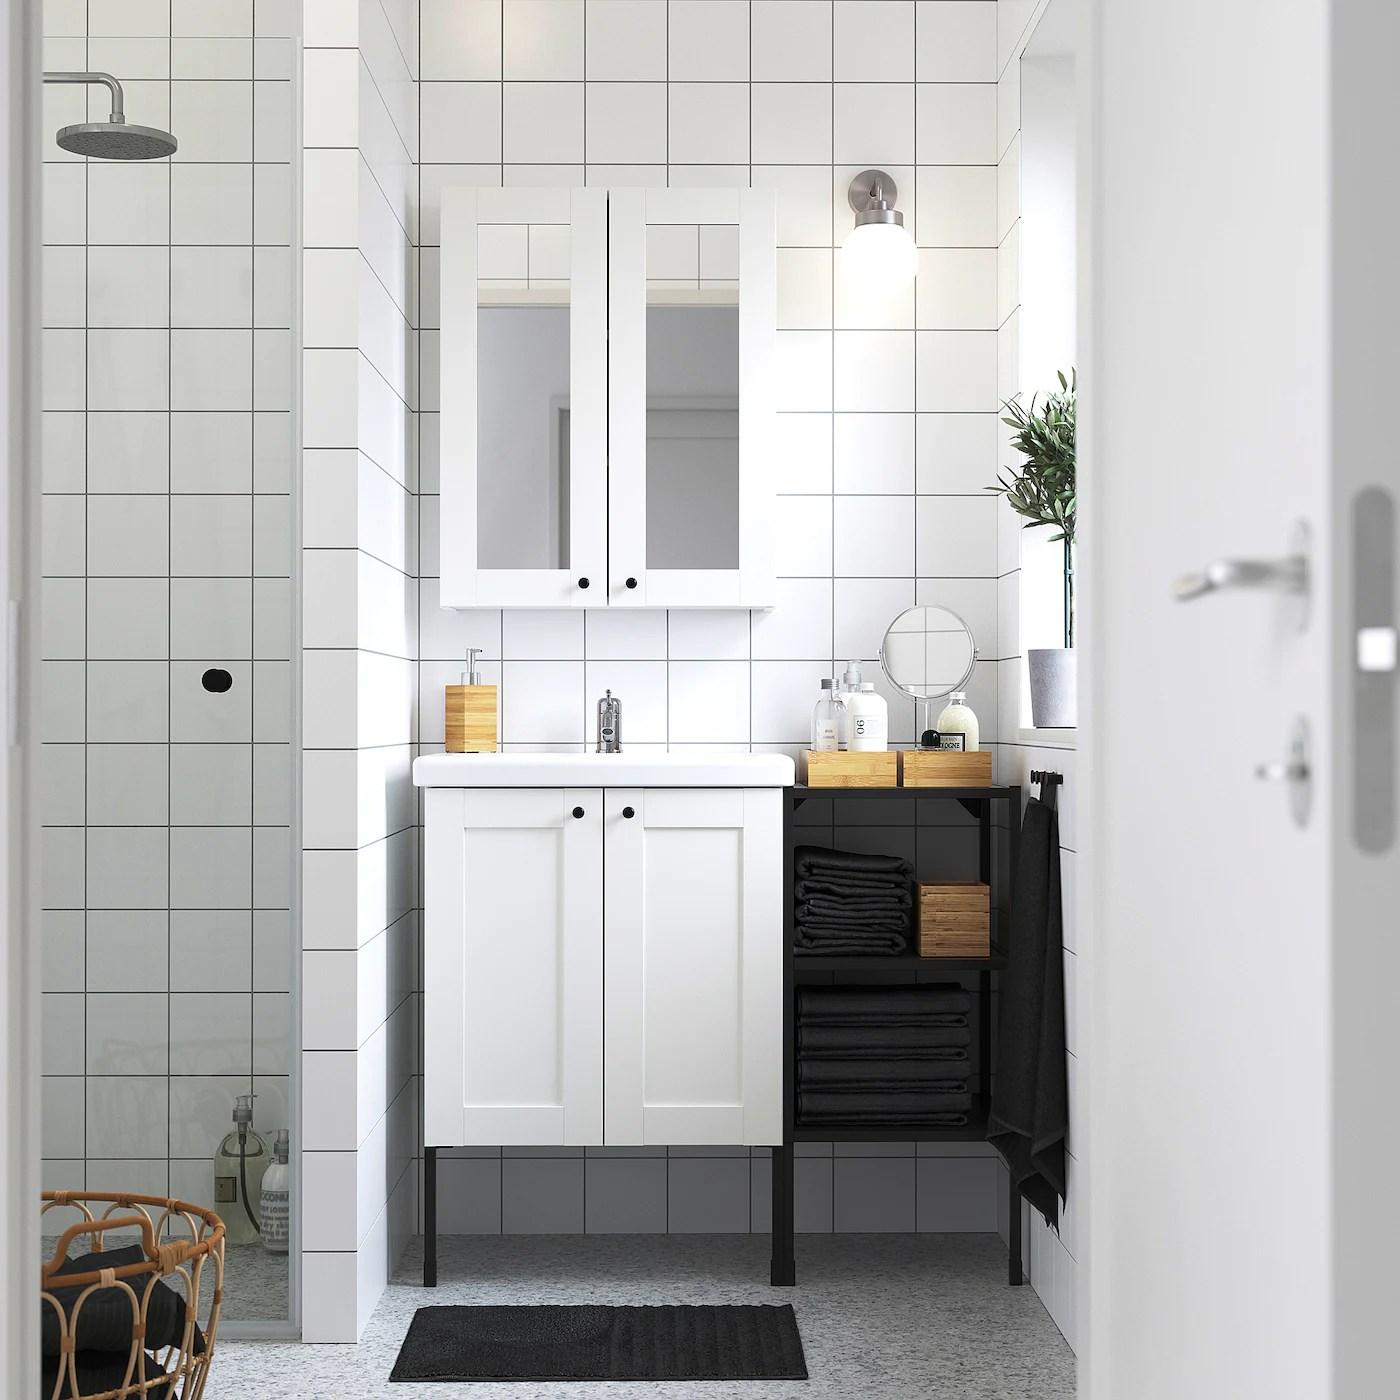 Enhet Tvallen Mobilier Salle De Bain 14 Pieces Blanc Avec Cadre Anthracite Lillsvan Mitigeur Lavabo Ikea